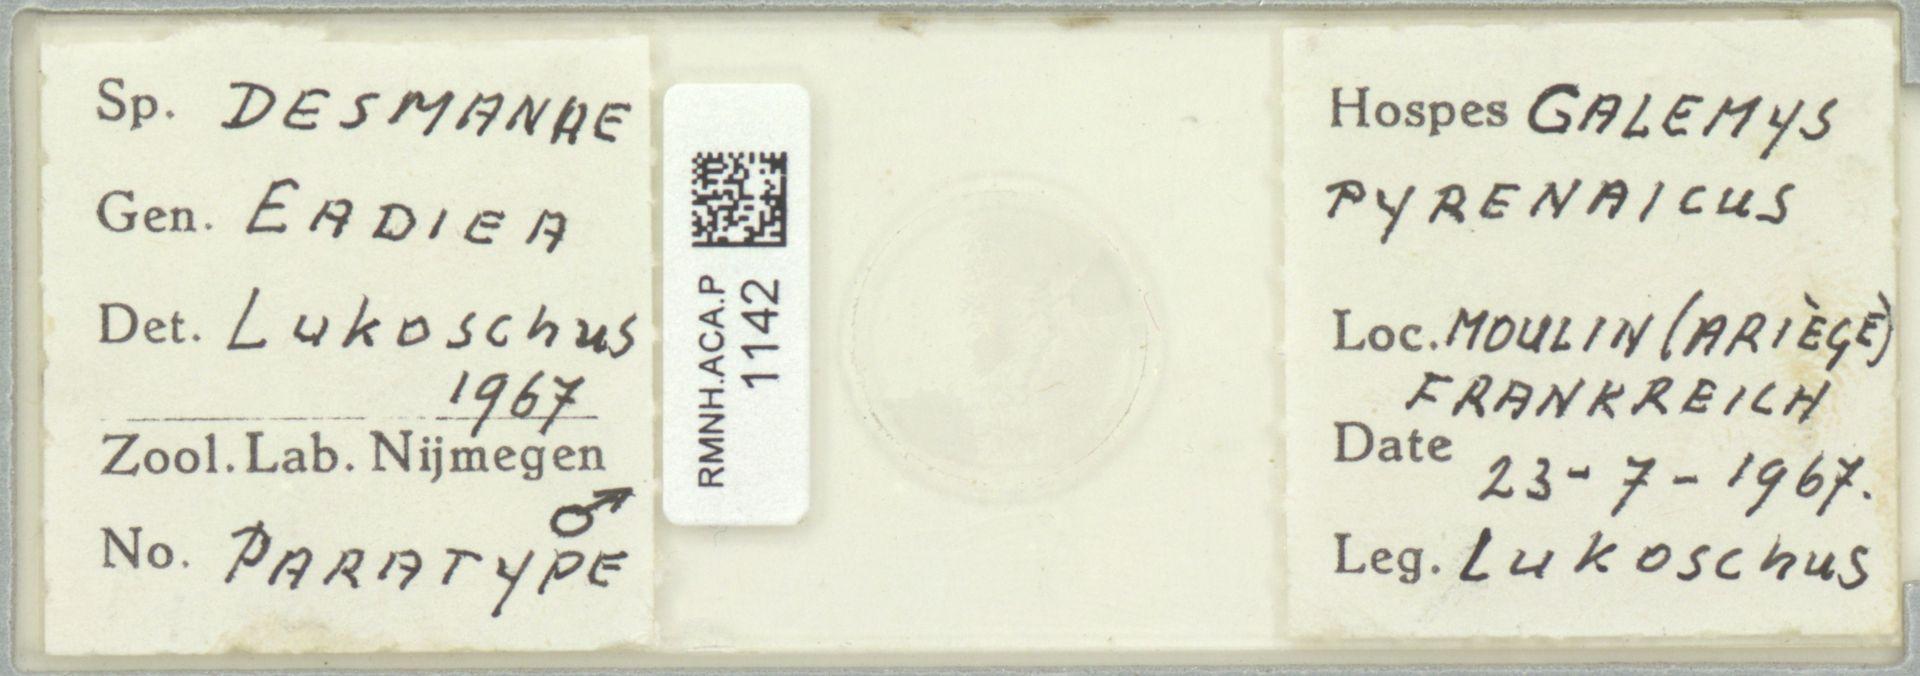 RMNH.ACA.P.1142   Eadiea desmanae Lukoschus